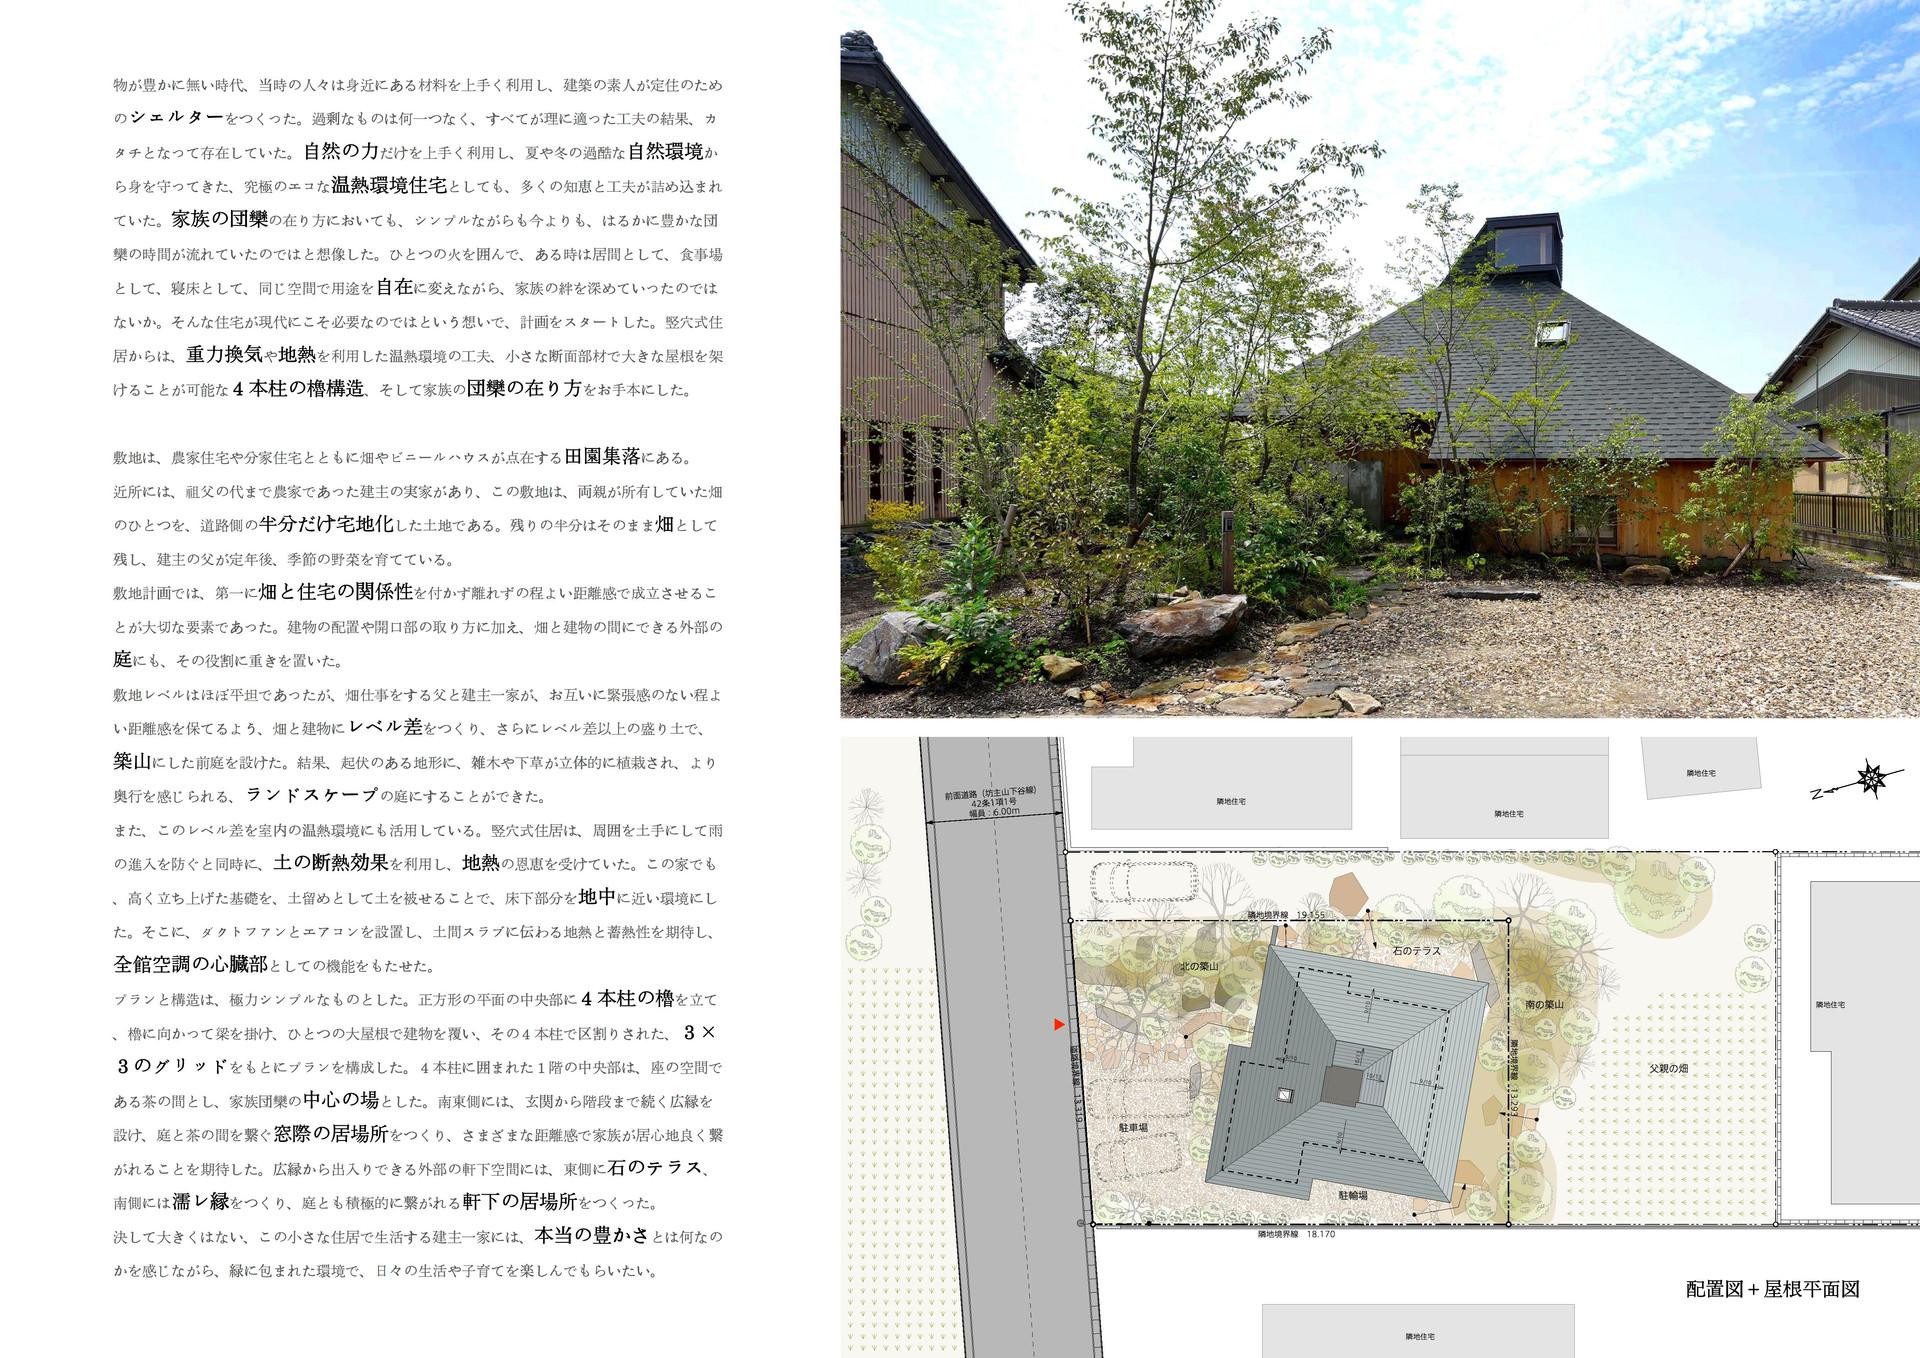 薬師田の住居04/岩間建築設計事務所.jpg